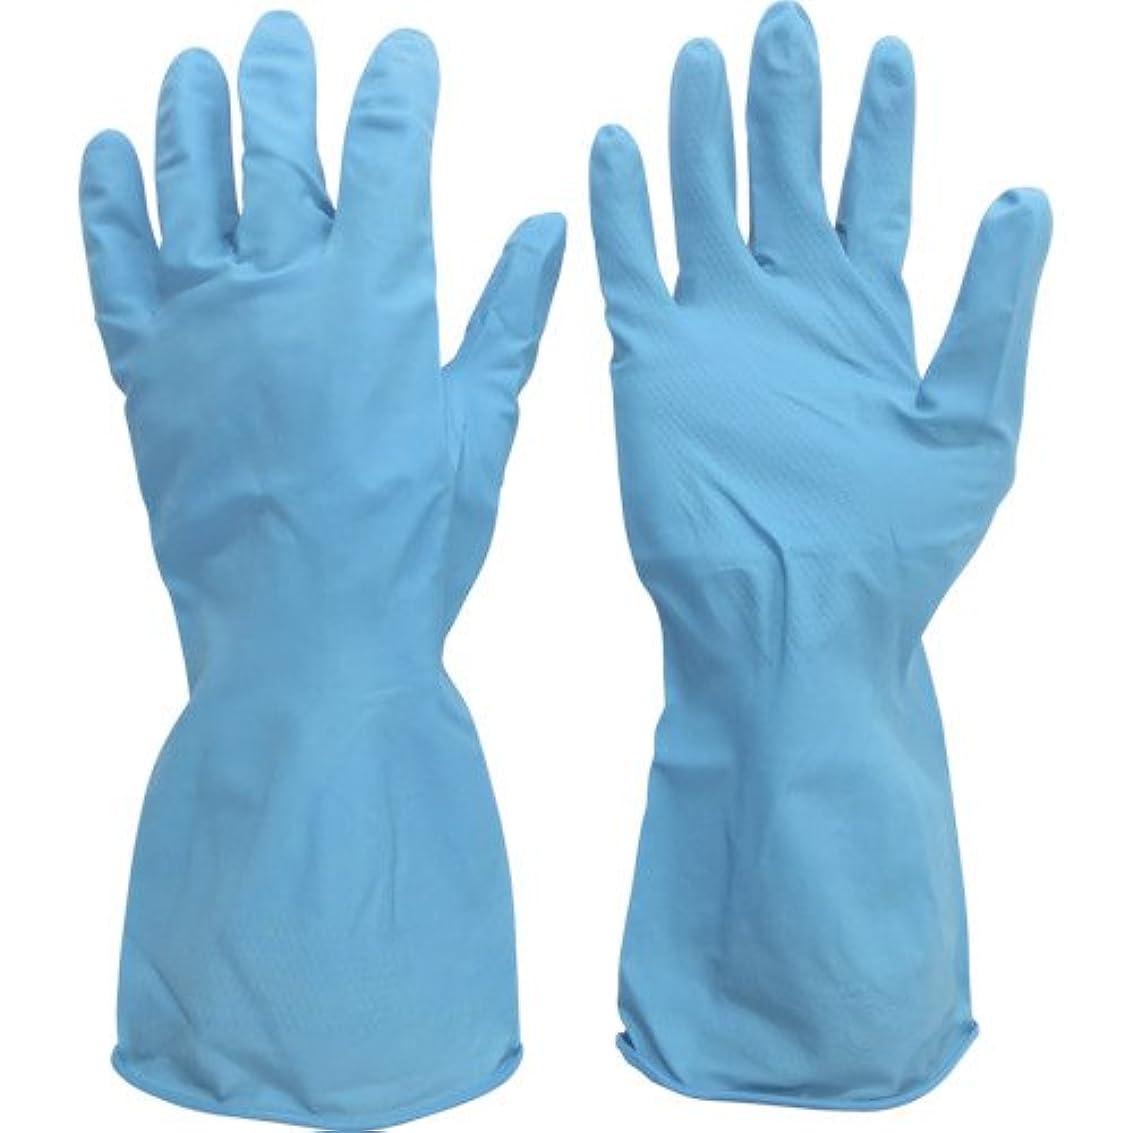 感度最大化するタイプミドリ安全 ニトリル薄手手袋 ベルテ270 1双入 S VERTE-270-S